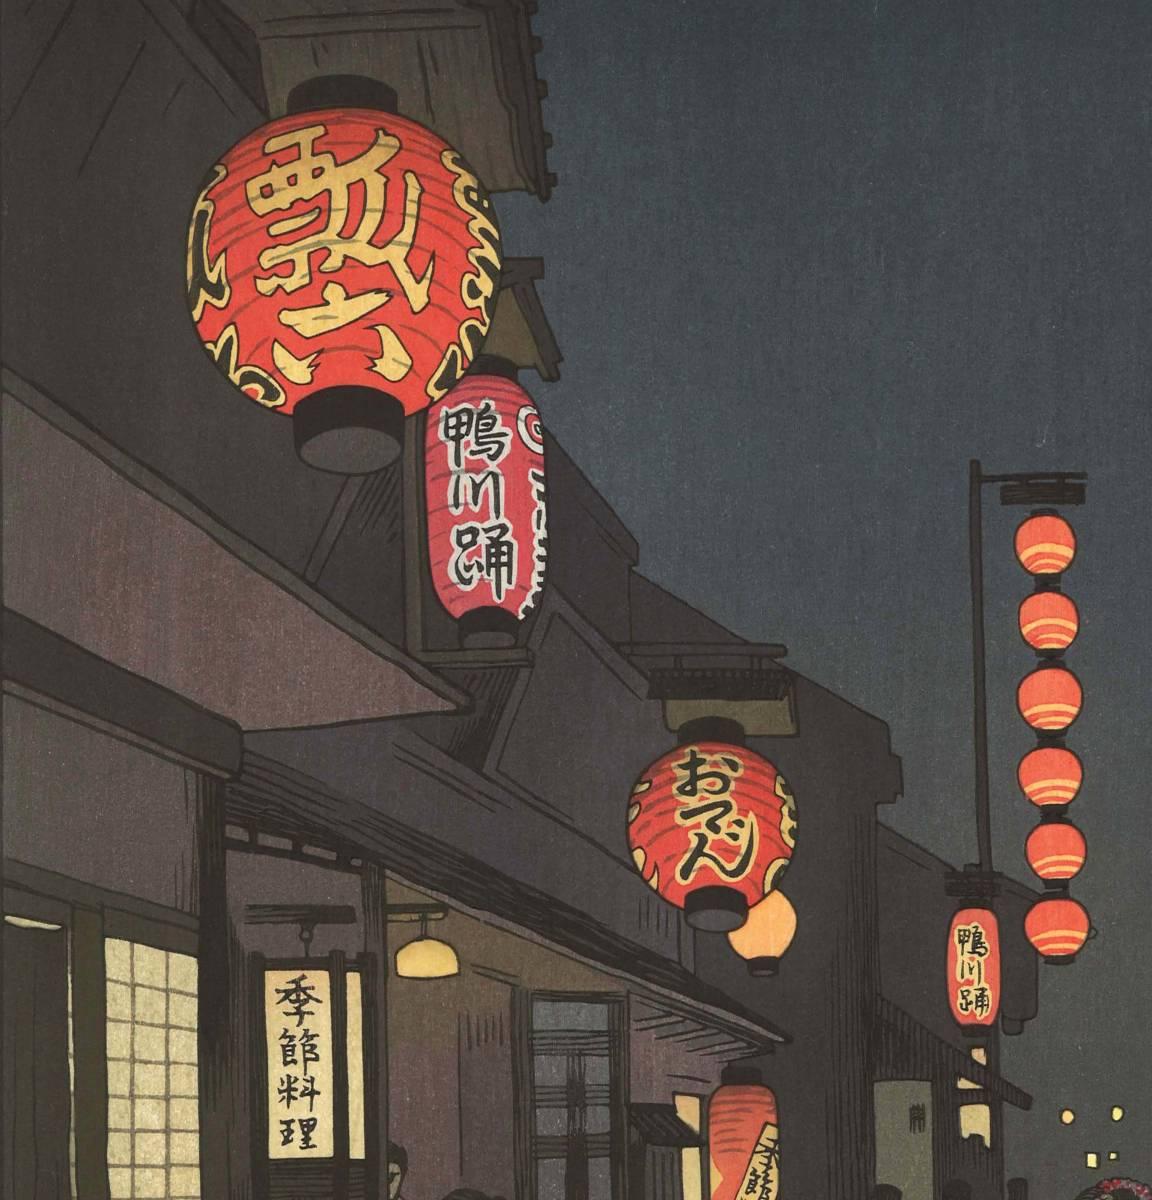 吉田遠志 木版画 018501 瓢六 (Hyoroku) 初摺1951年  最高峰の摺師の技をご堪能下さい!!_画像9